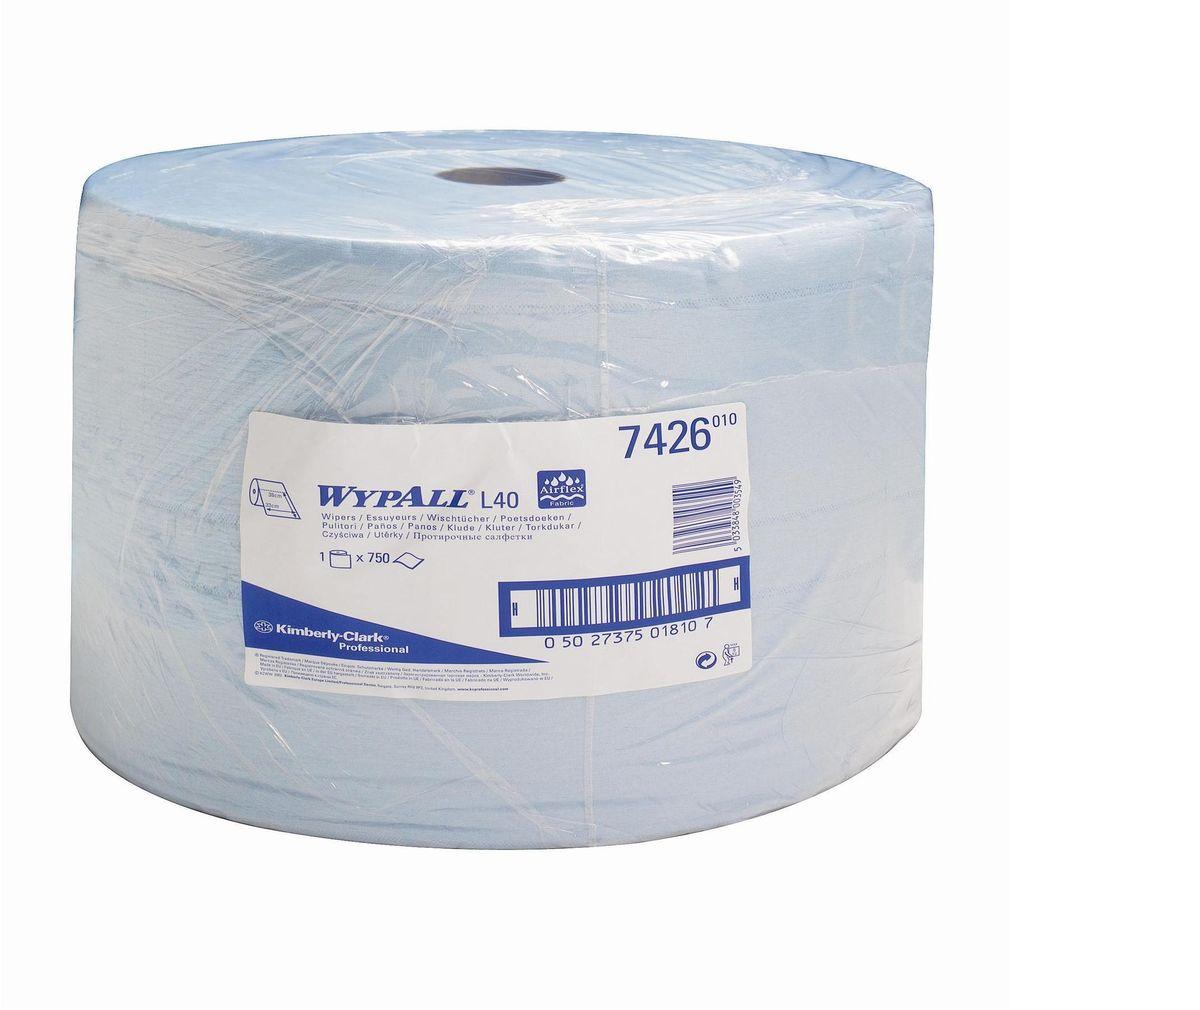 Полотенца бумажные Wypall L40, трехслойные, 750 листов. 74267426Бумажные полотенца Wypall L40 - это идеальное решениедля сухой очистки оборудования высокой степени важности иповерхностей в фармацевтической промышленности, ввысокотехнологичных биотехнологических отраслях, припроизводстве медицинского оборудования, а также очистки научастках пищевой промышленности.Полотенца Wypall L40 могут использоваться с переноснымиили стационарными диспенсерами для контроля расходапродукта и уменьшения объема отходов.Количество: 750 шт.